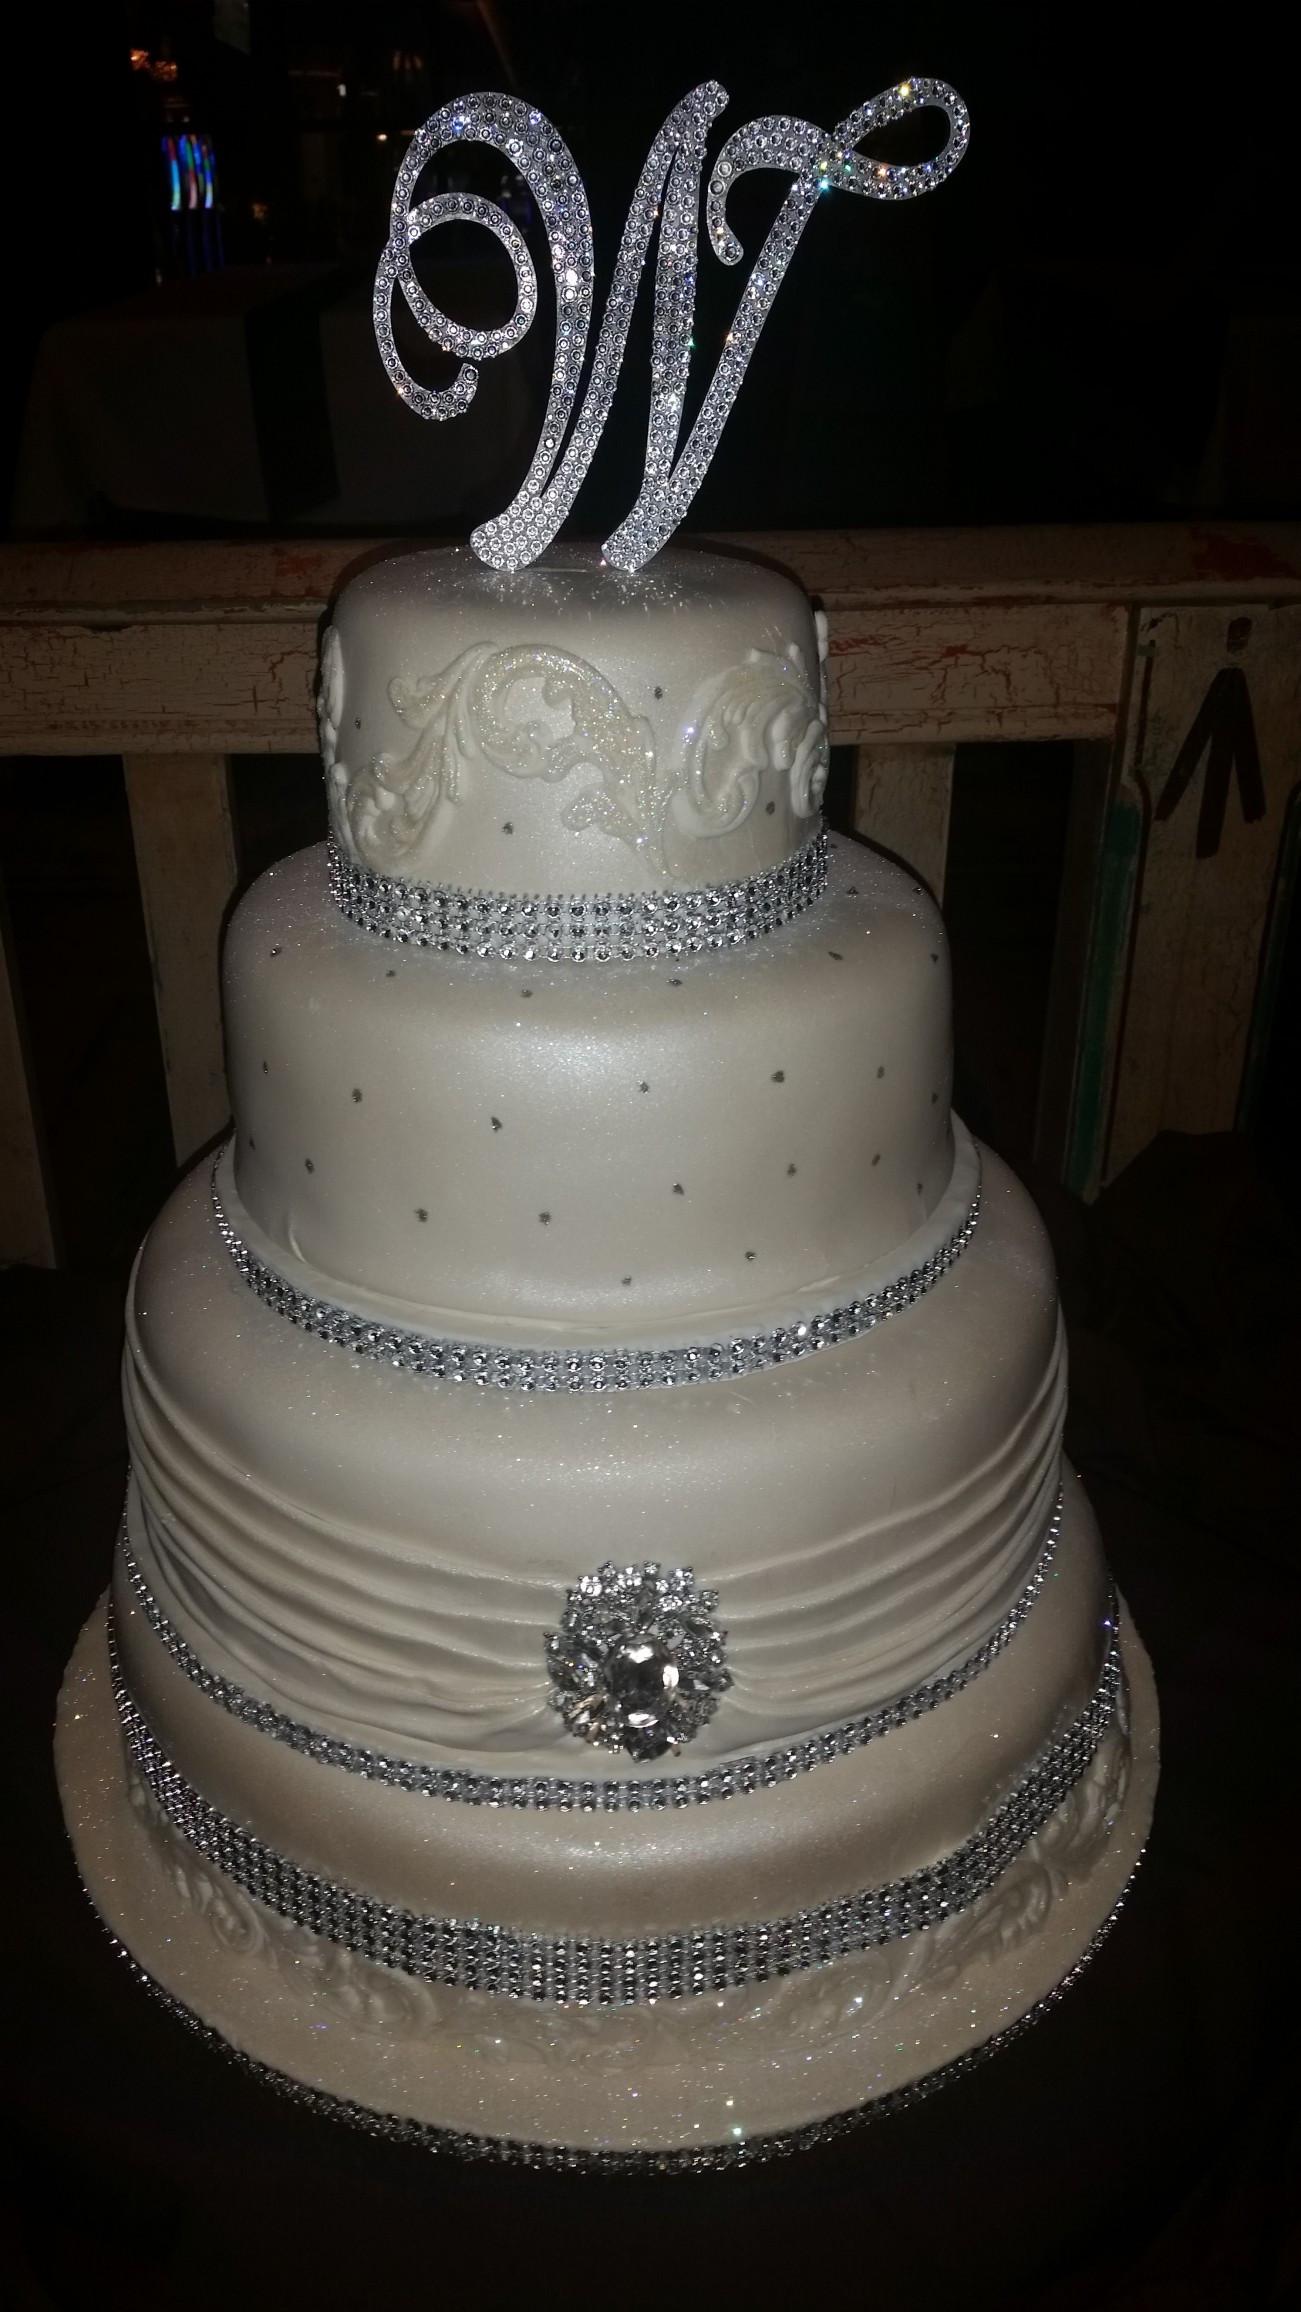 Rhinestone Wedding Cakes  Bling Wedding Cakes